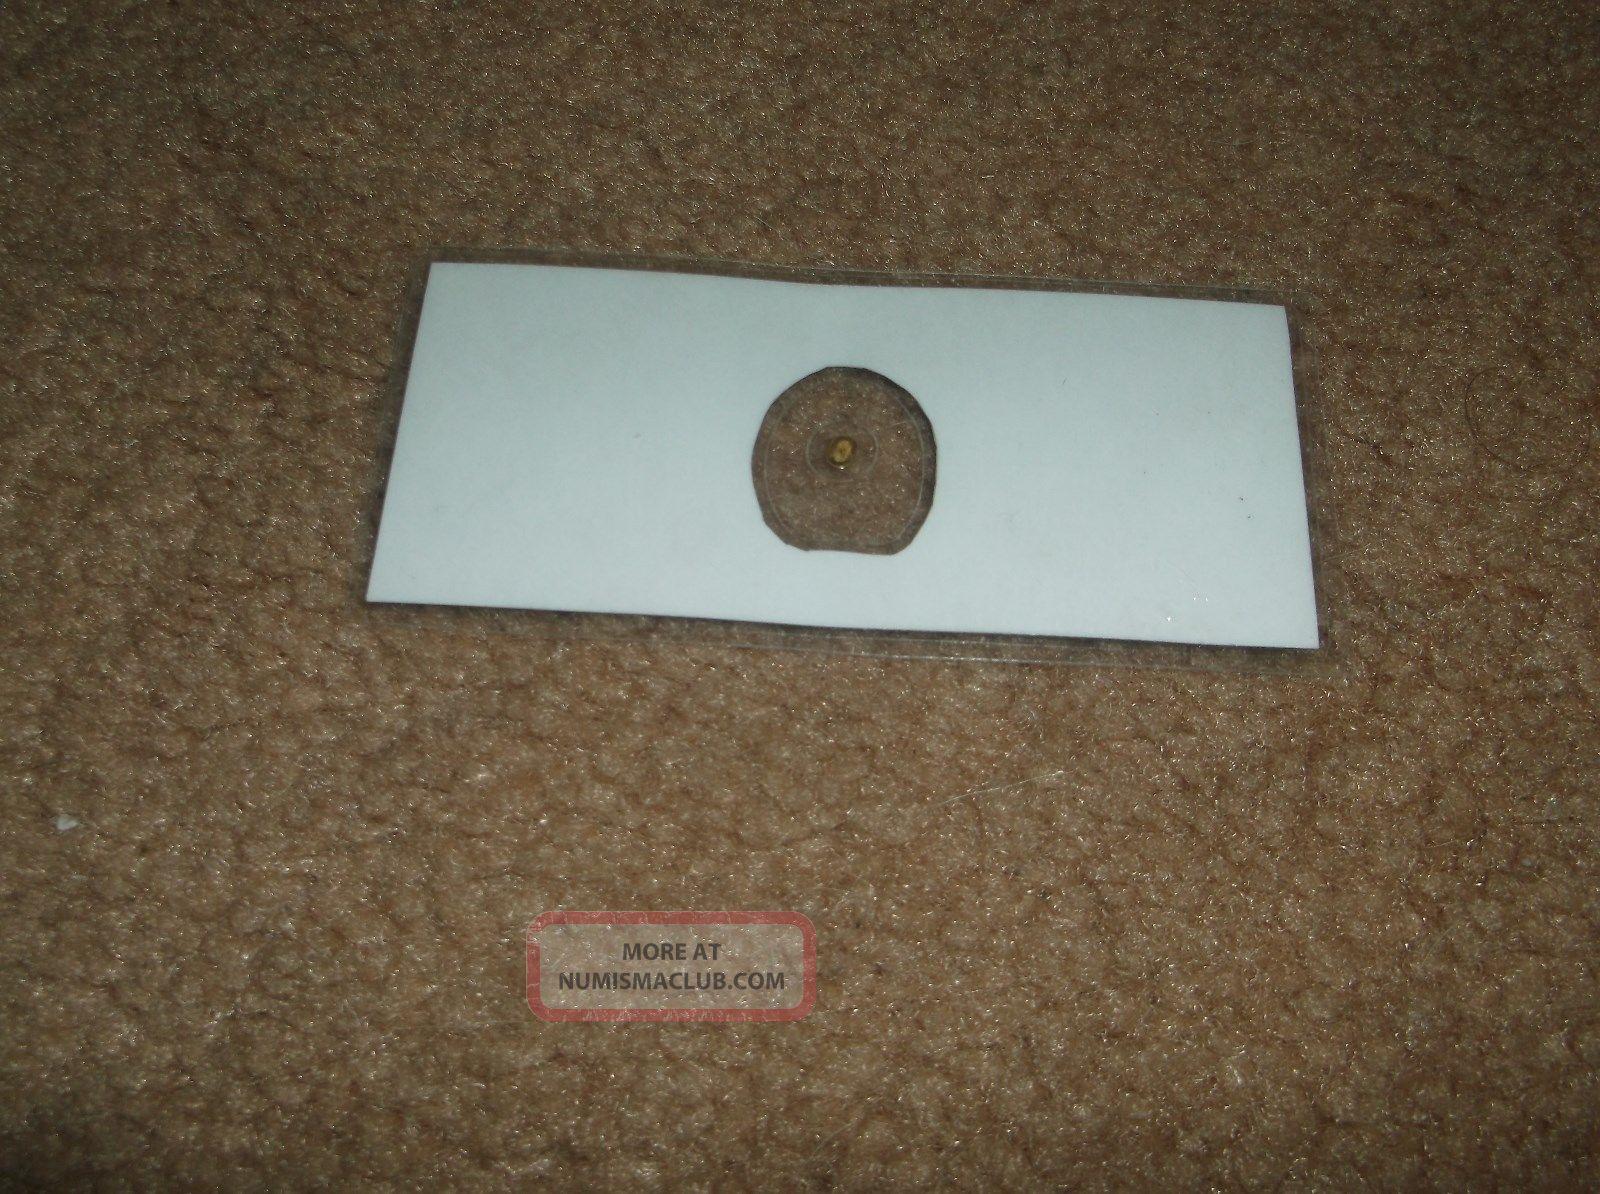 Gold Bullion Fractional Size 1grain Not Gram 999